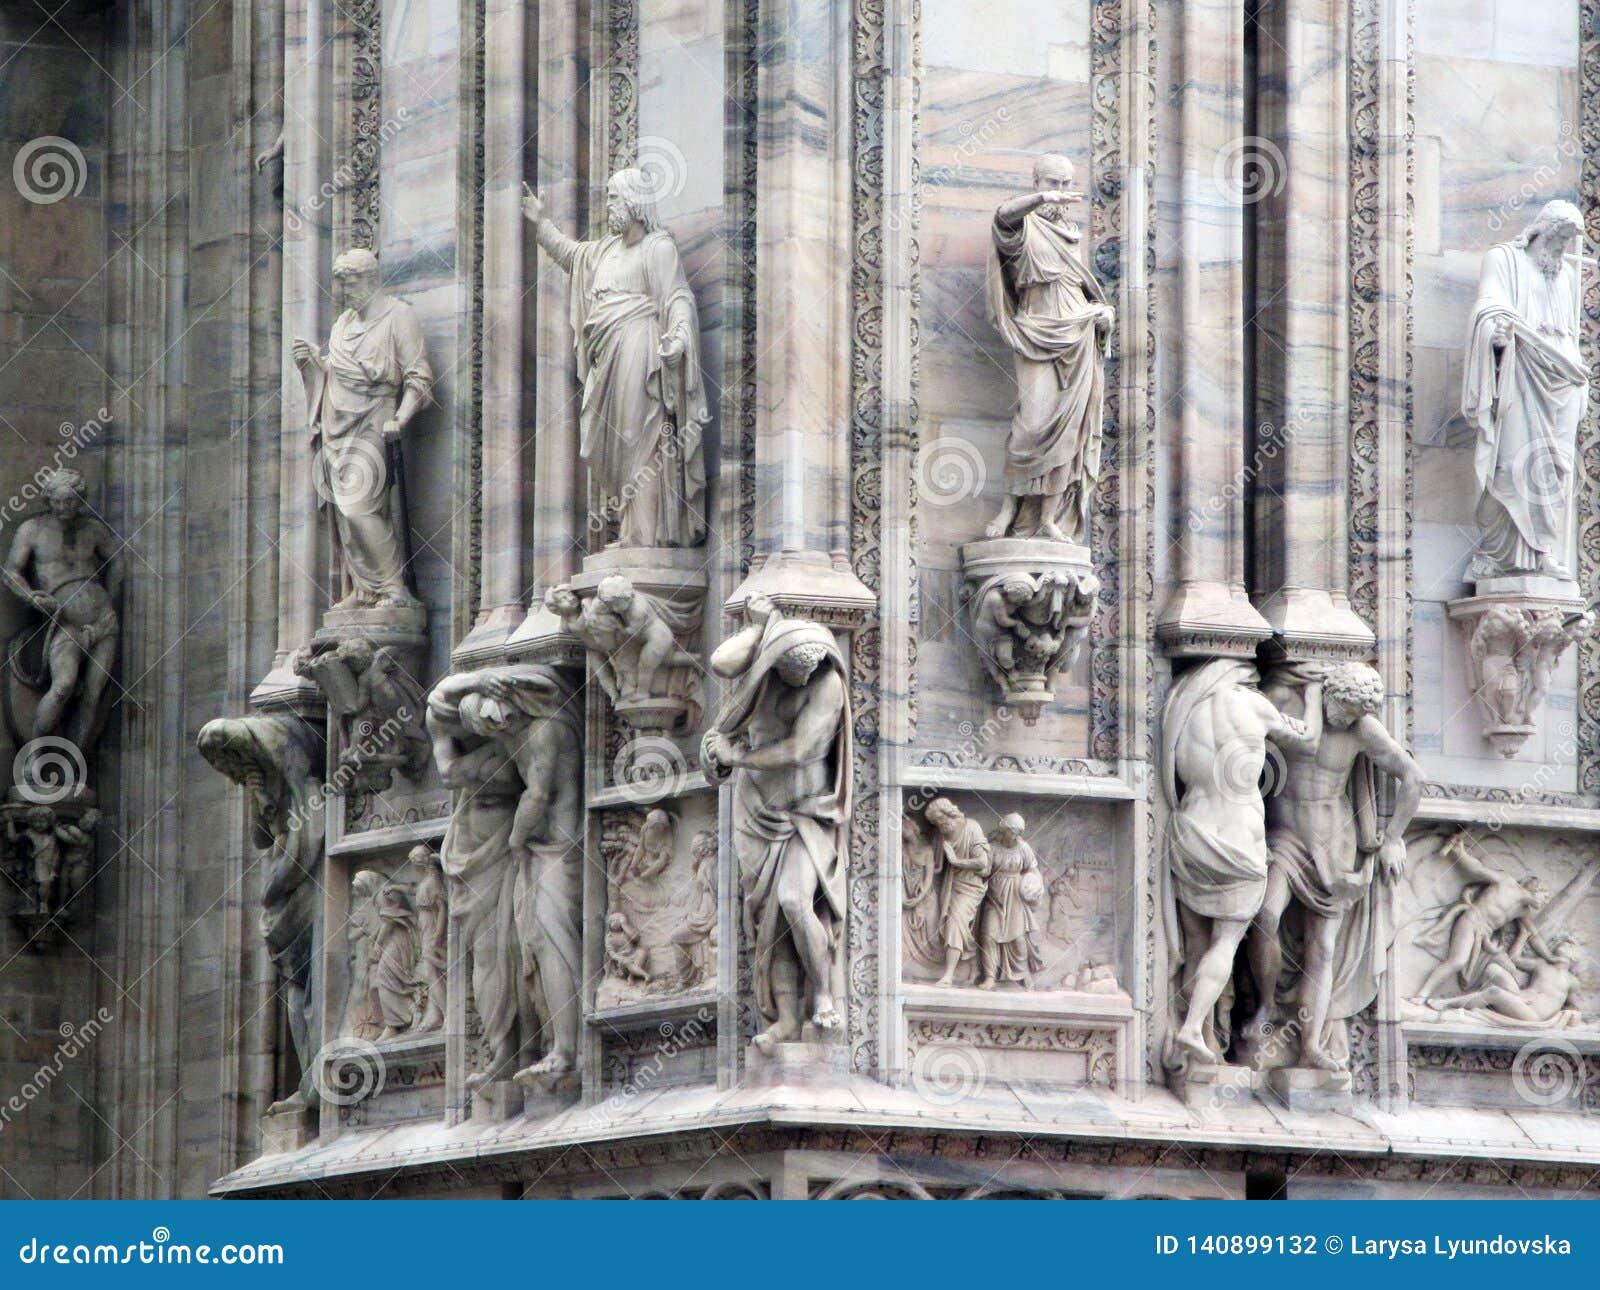 De beroemde Kathedraal van Milan Italian: Duomodi Milaan, de Kathedraal van de Geboorte van Christus van Virgin